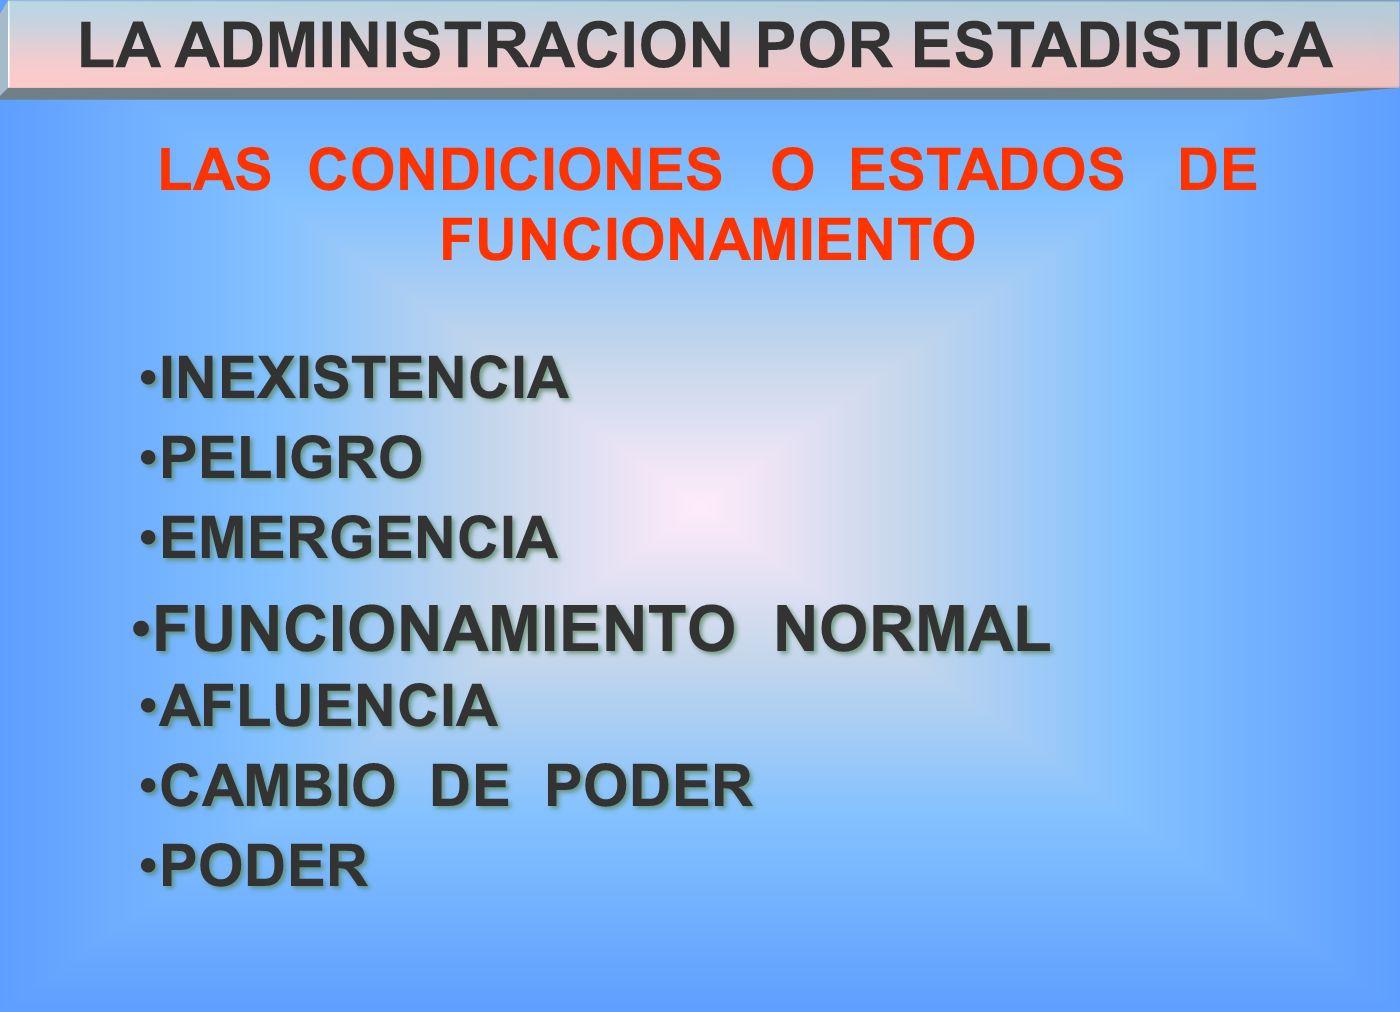 LA ADMINISTRACION POR ESTADISTICA LAS CONDICIONES O ESTADOS DE FUNCIONAMIENTO INEXISTENCIA PELIGRO FUNCIONAMIENTO NORMAL EMERGENCIA PODER AFLUENCIA CAMBIO DE PODER